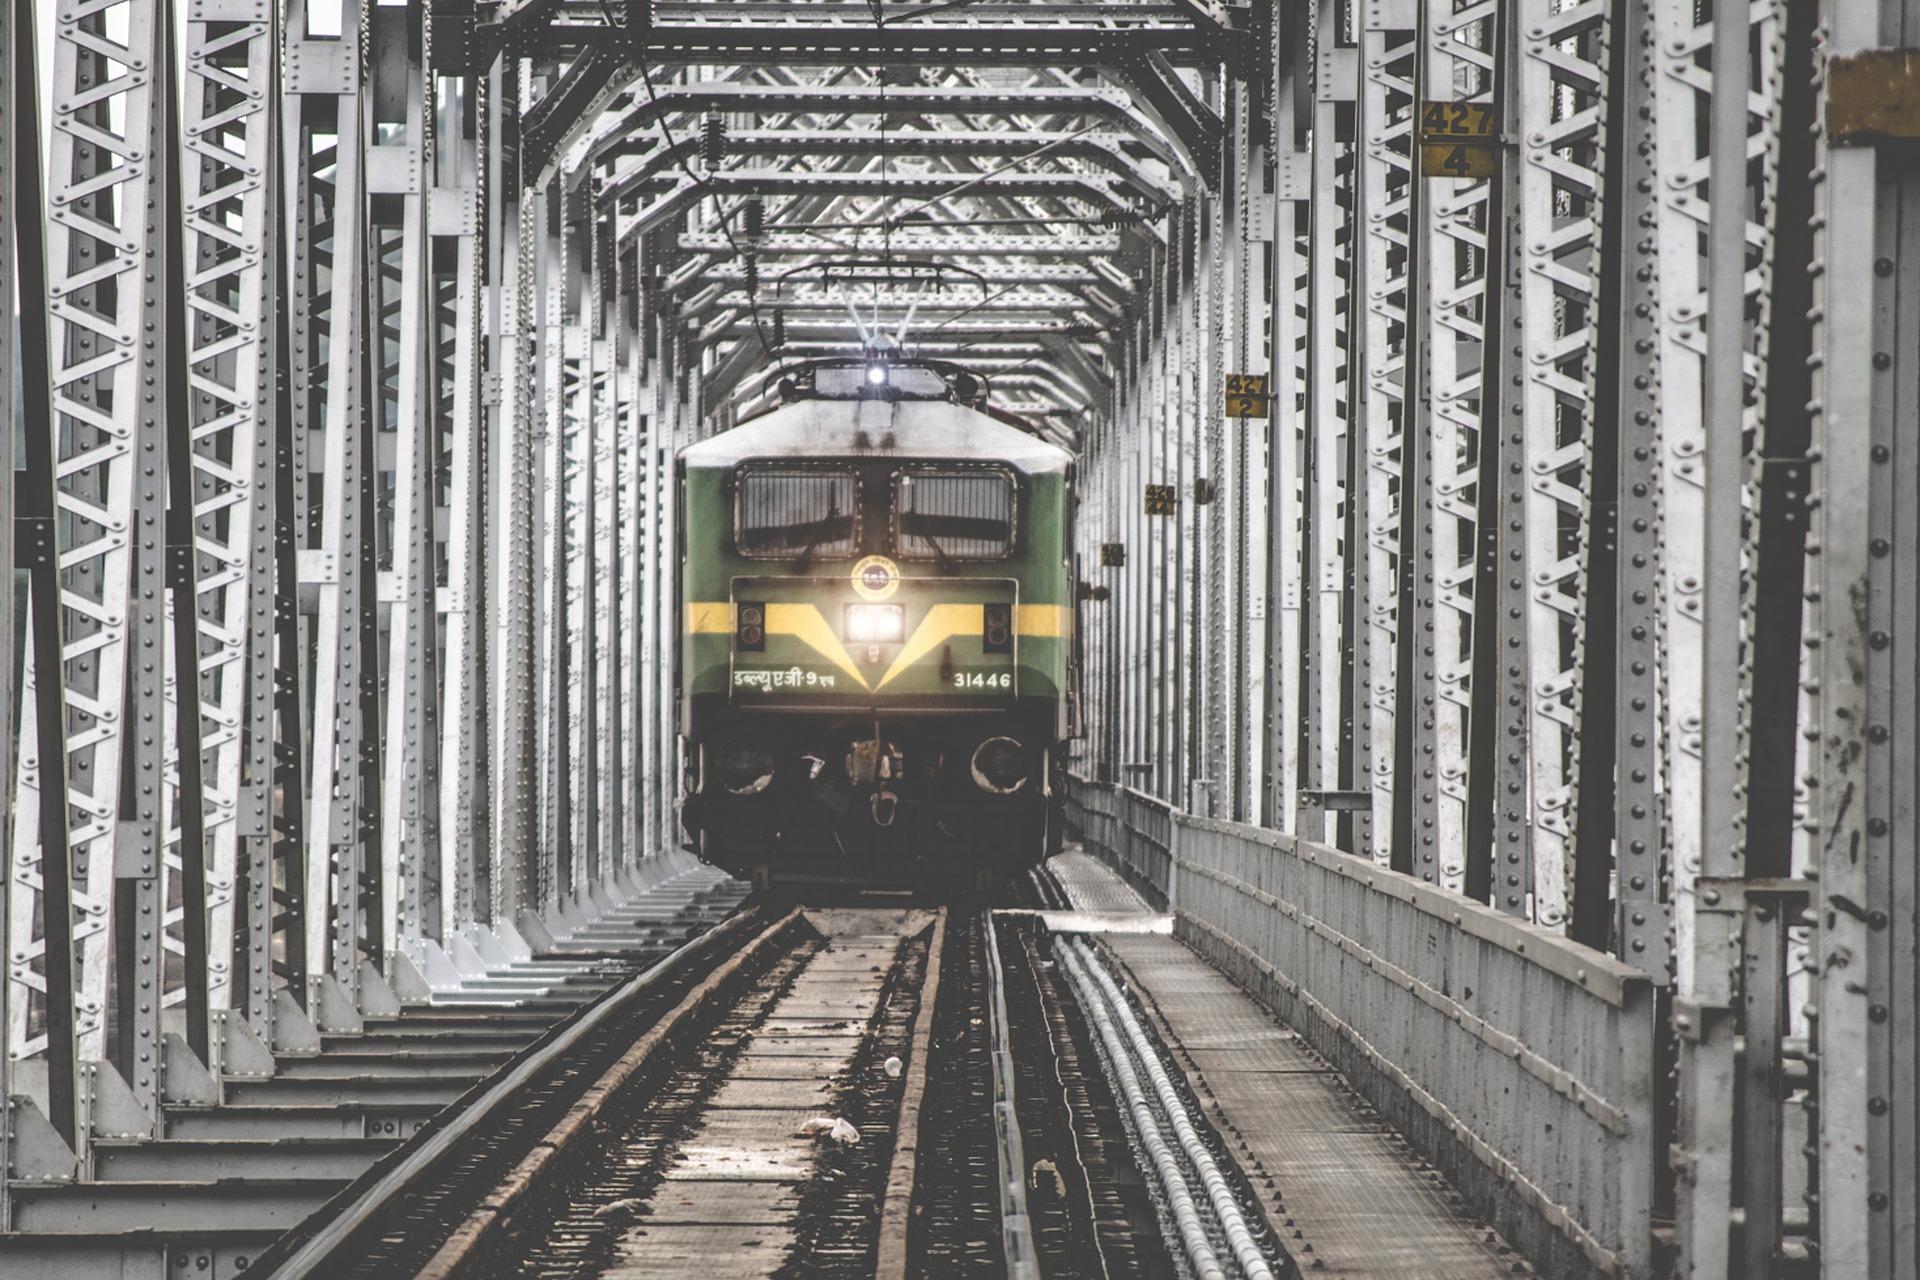 поезд, мост, железная дорога, Индия, движение - Обои HD - Профессор falken.com